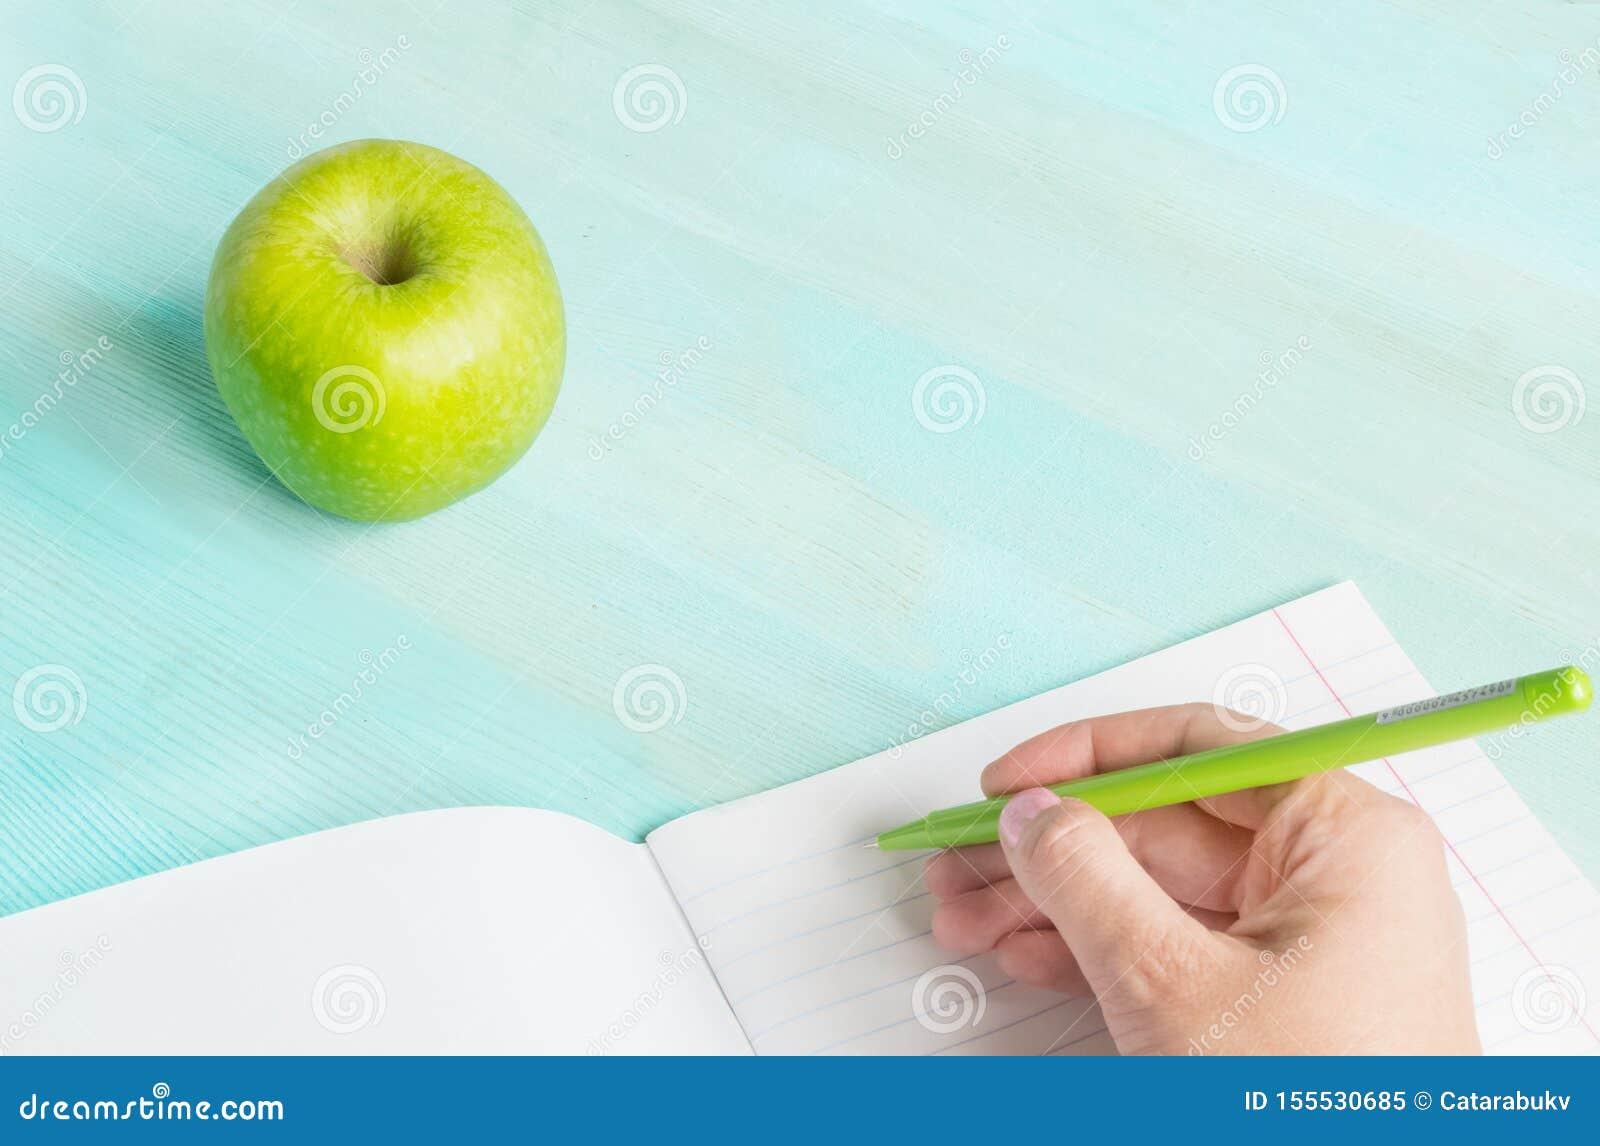 Concept terug naar school Schooltoebehoren, pen met leeg notitieboekje op blauwe houten achtergrond